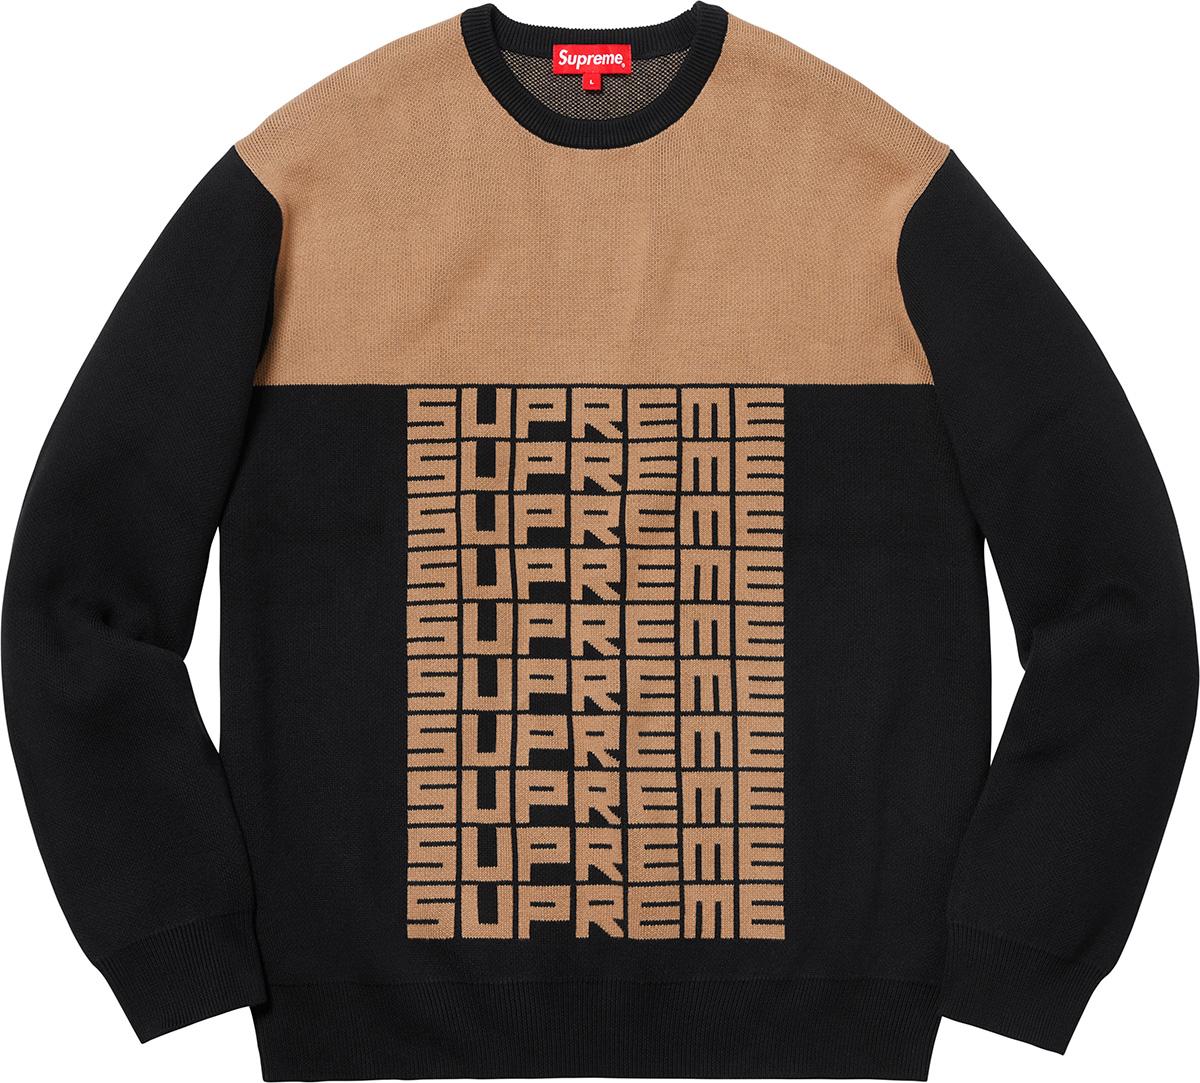 6e606b957eff Supreme Supreme Logo Repeat Sweater Black